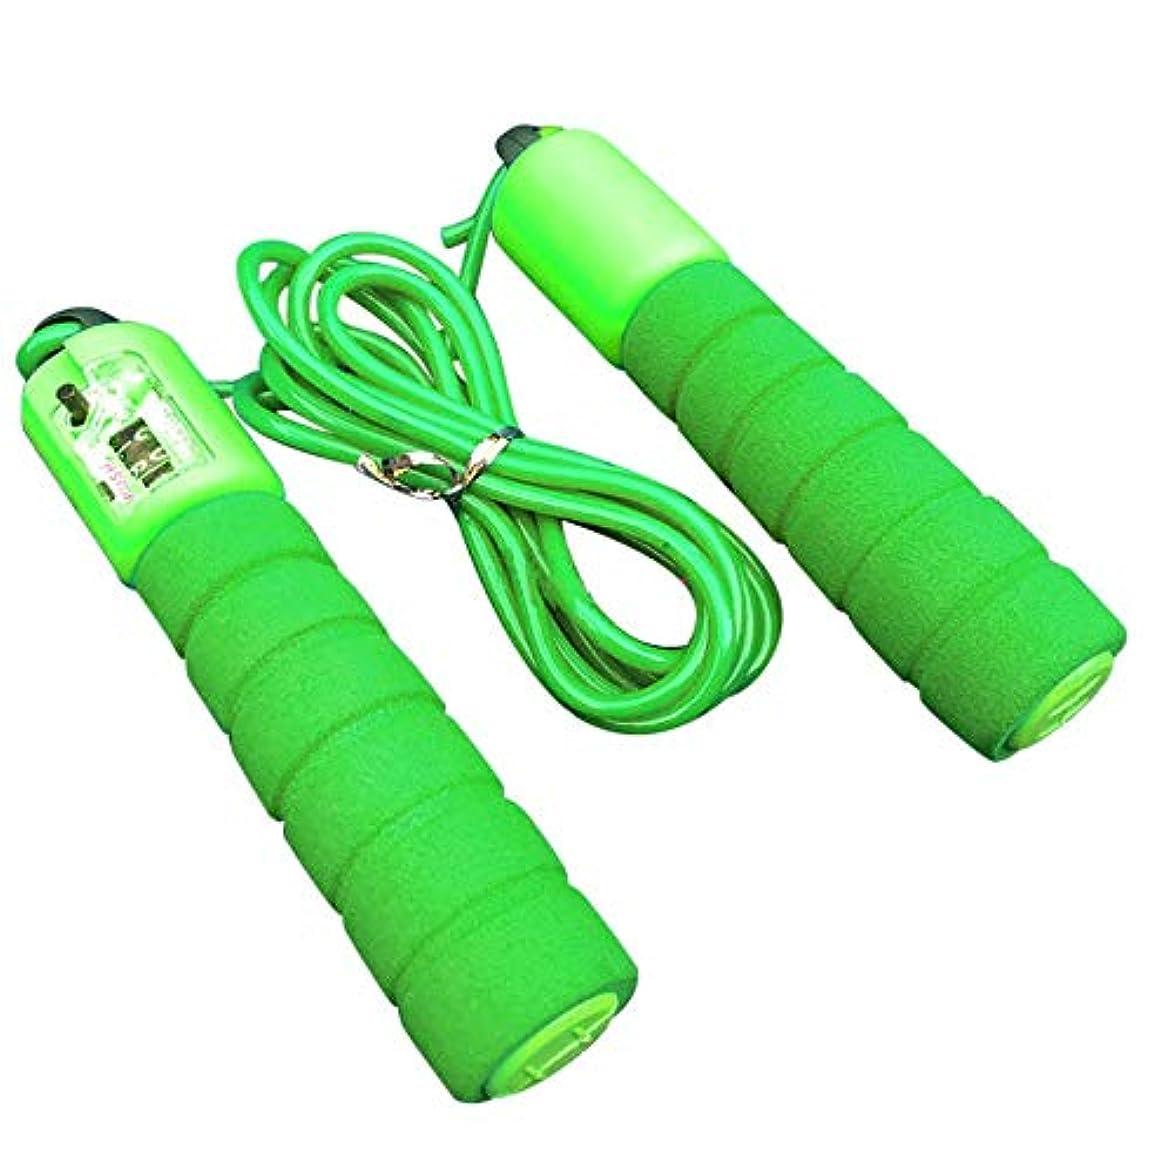 教養がある収穫良心調節可能なプロフェッショナルカウント縄跳び自動カウントジャンプロープフィットネス運動高速カウントジャンプロープ - グリーン